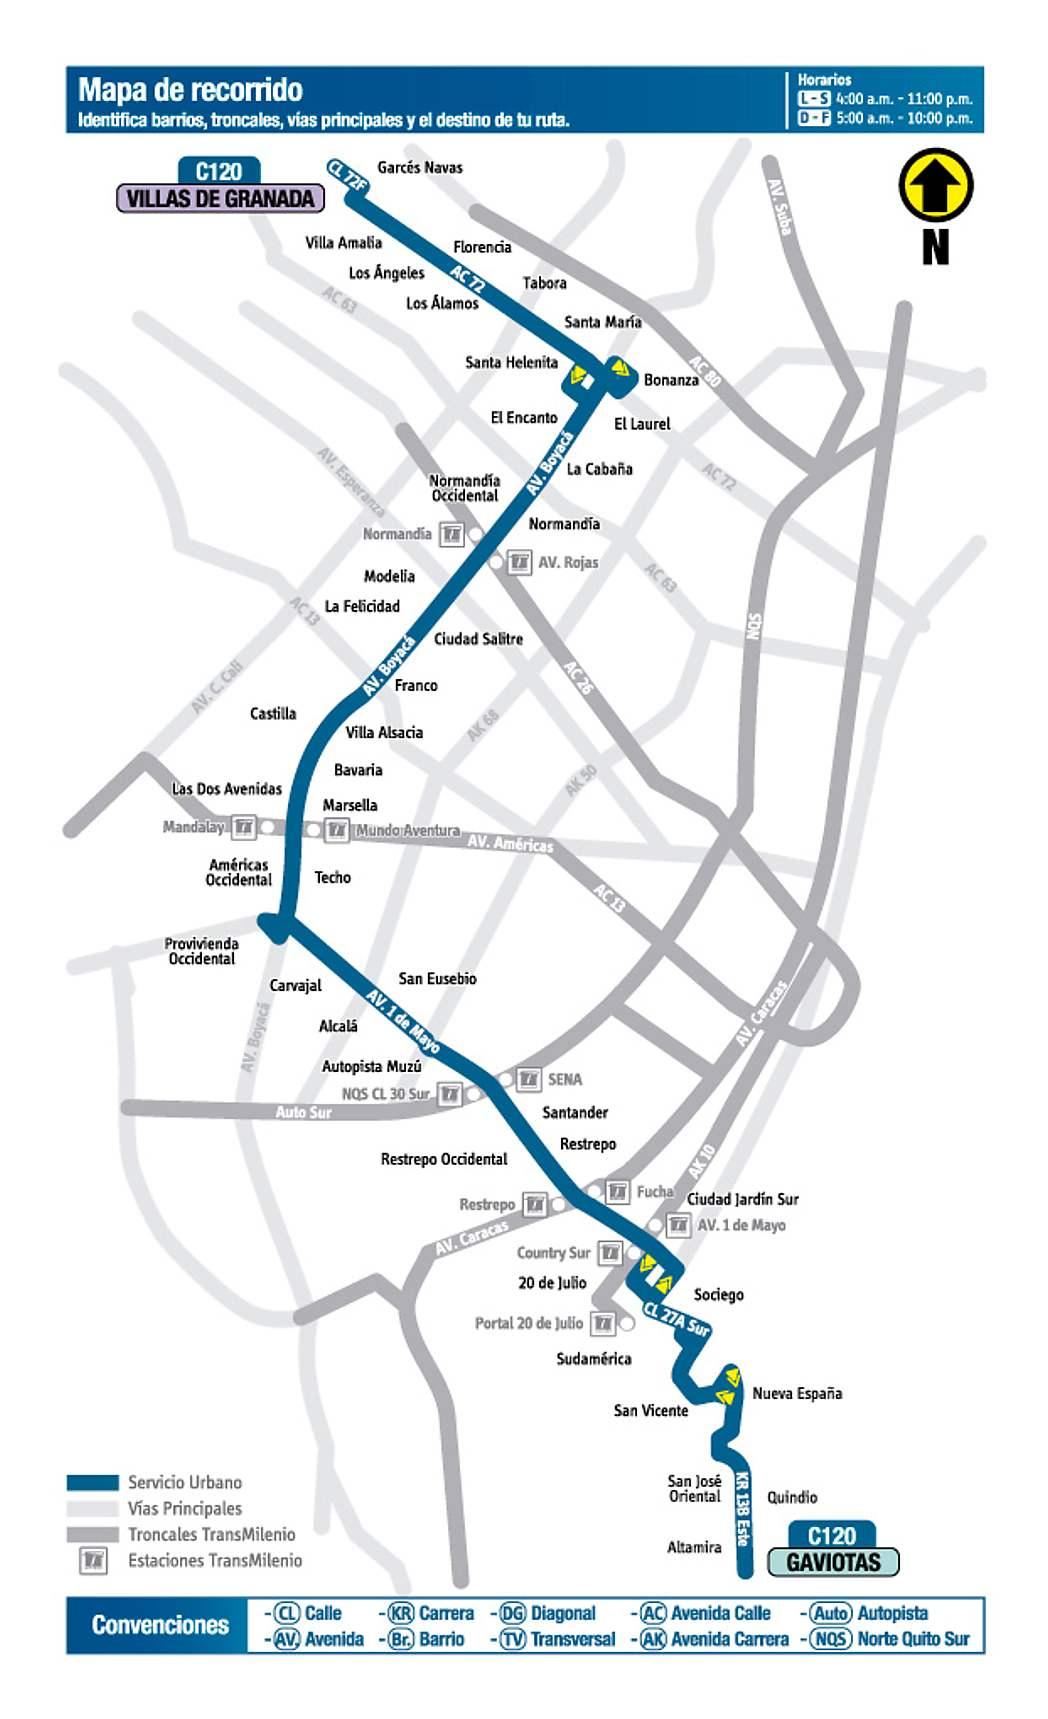 C120 Villas de Granada - Gaviotas, mapa bus urbano Bogotá